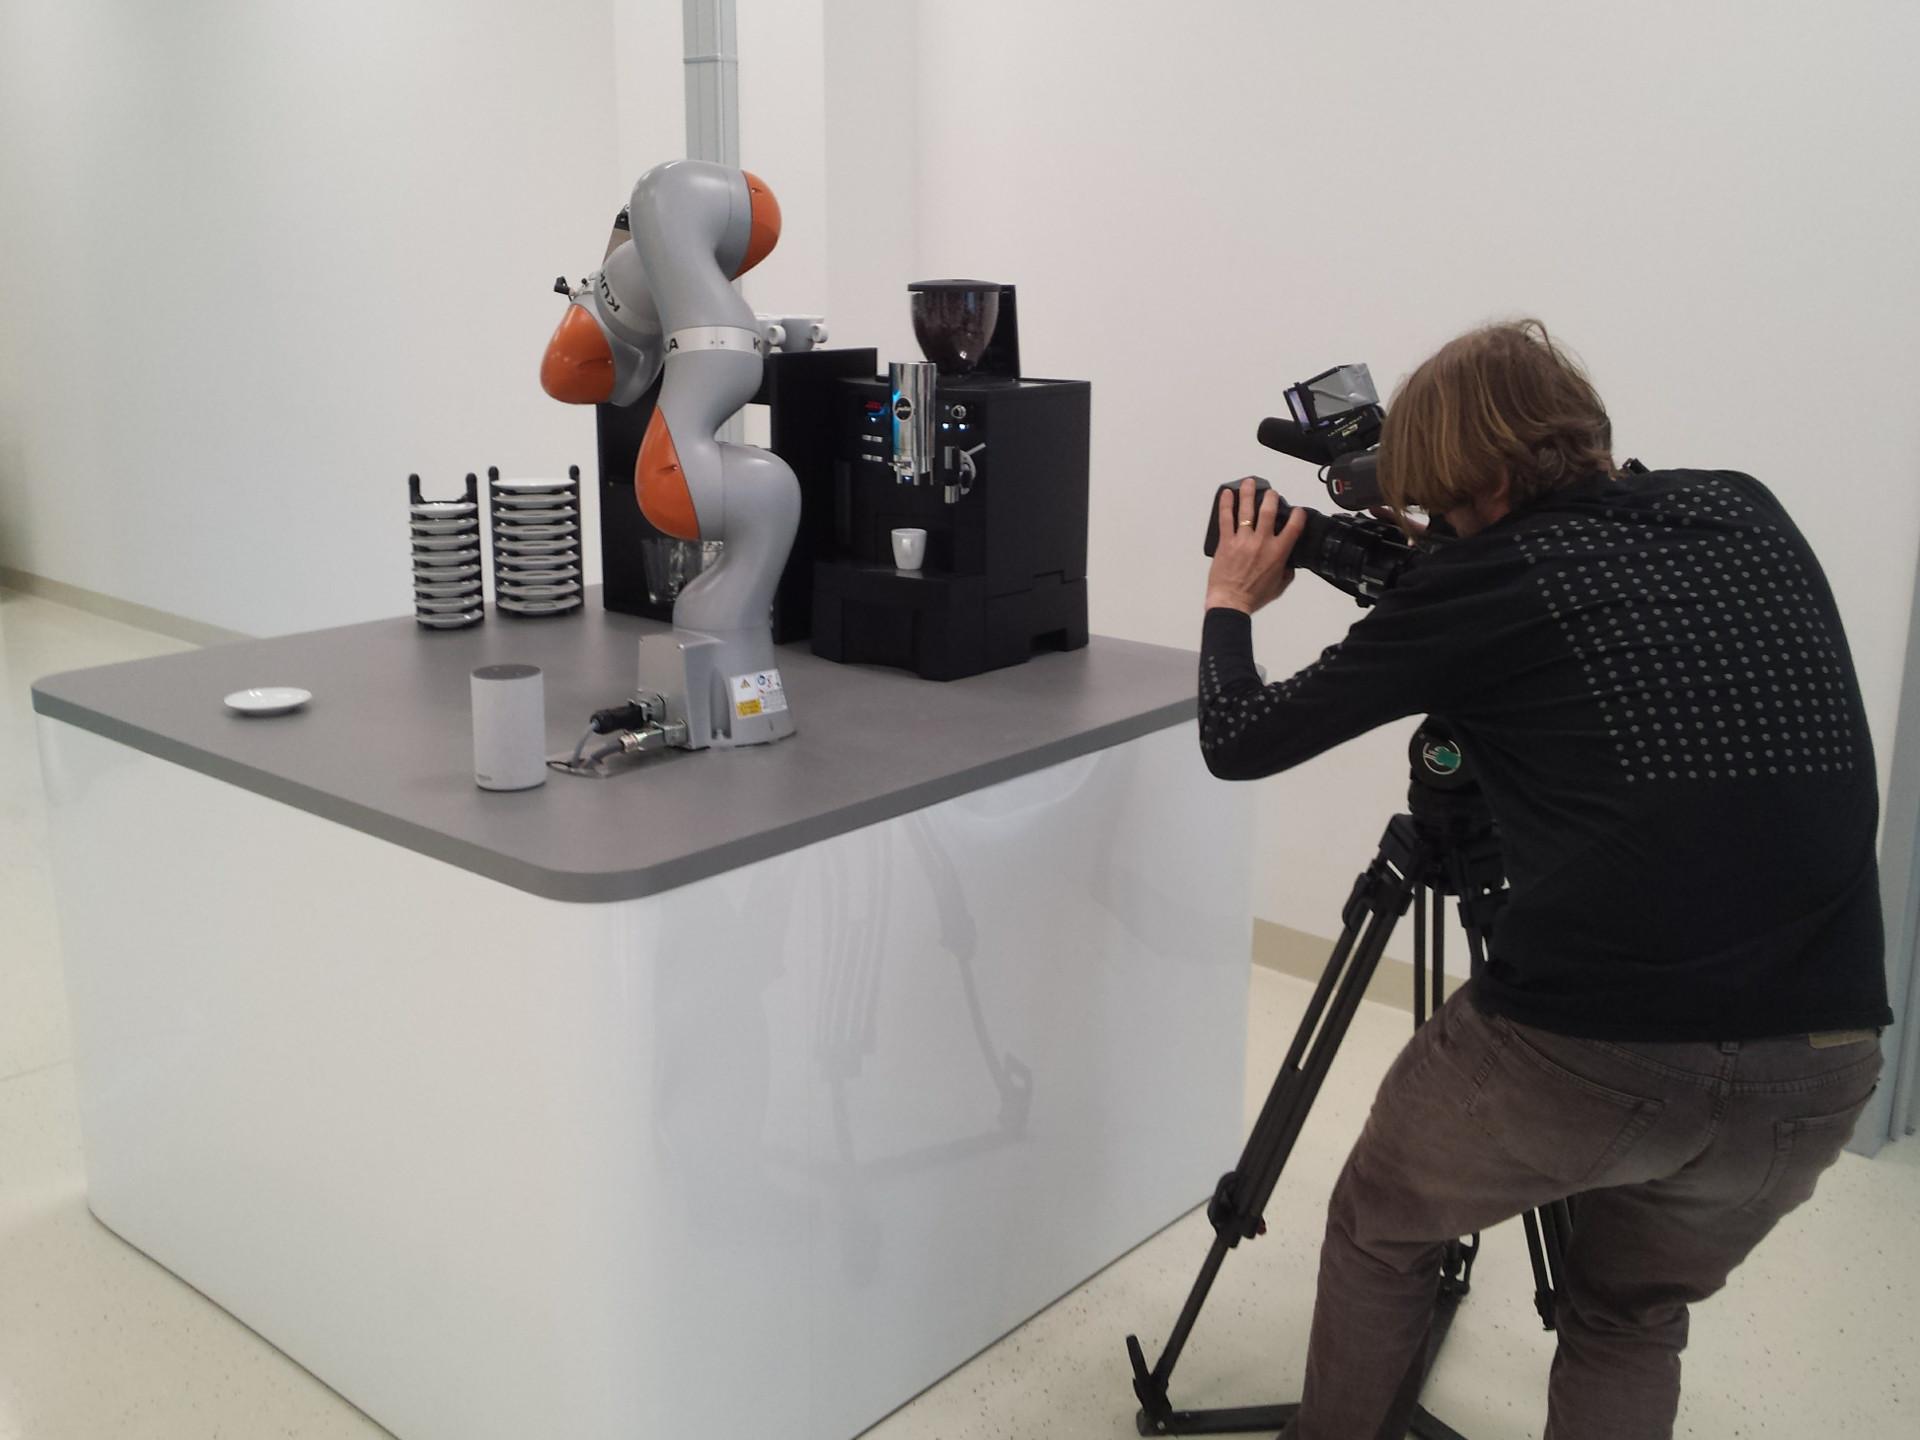 Robo-barista